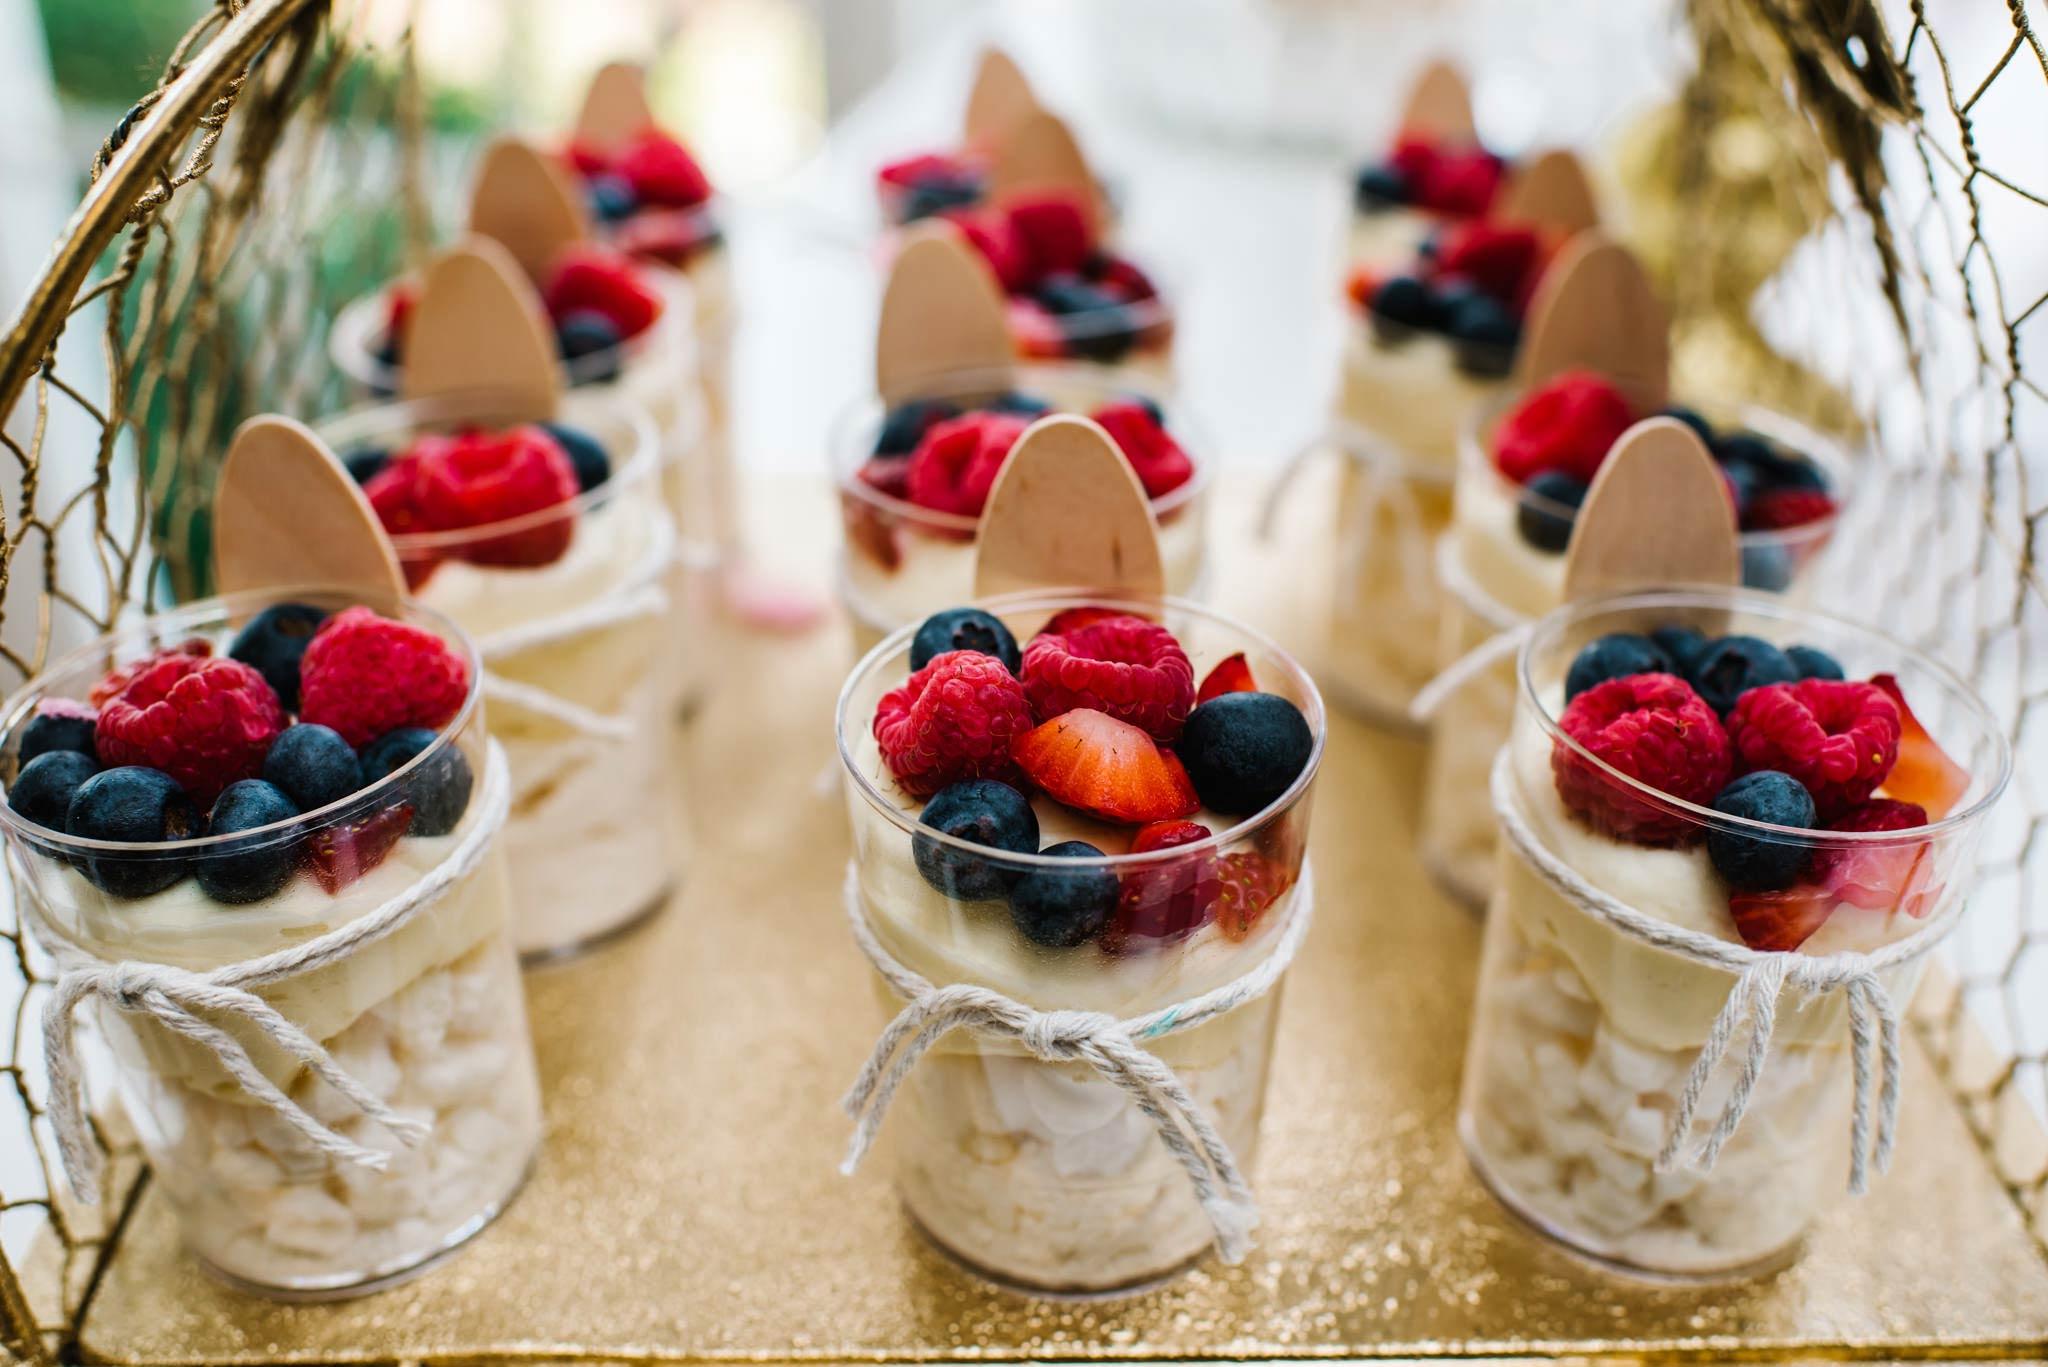 Fruit desserts at Oatlands House christening reception